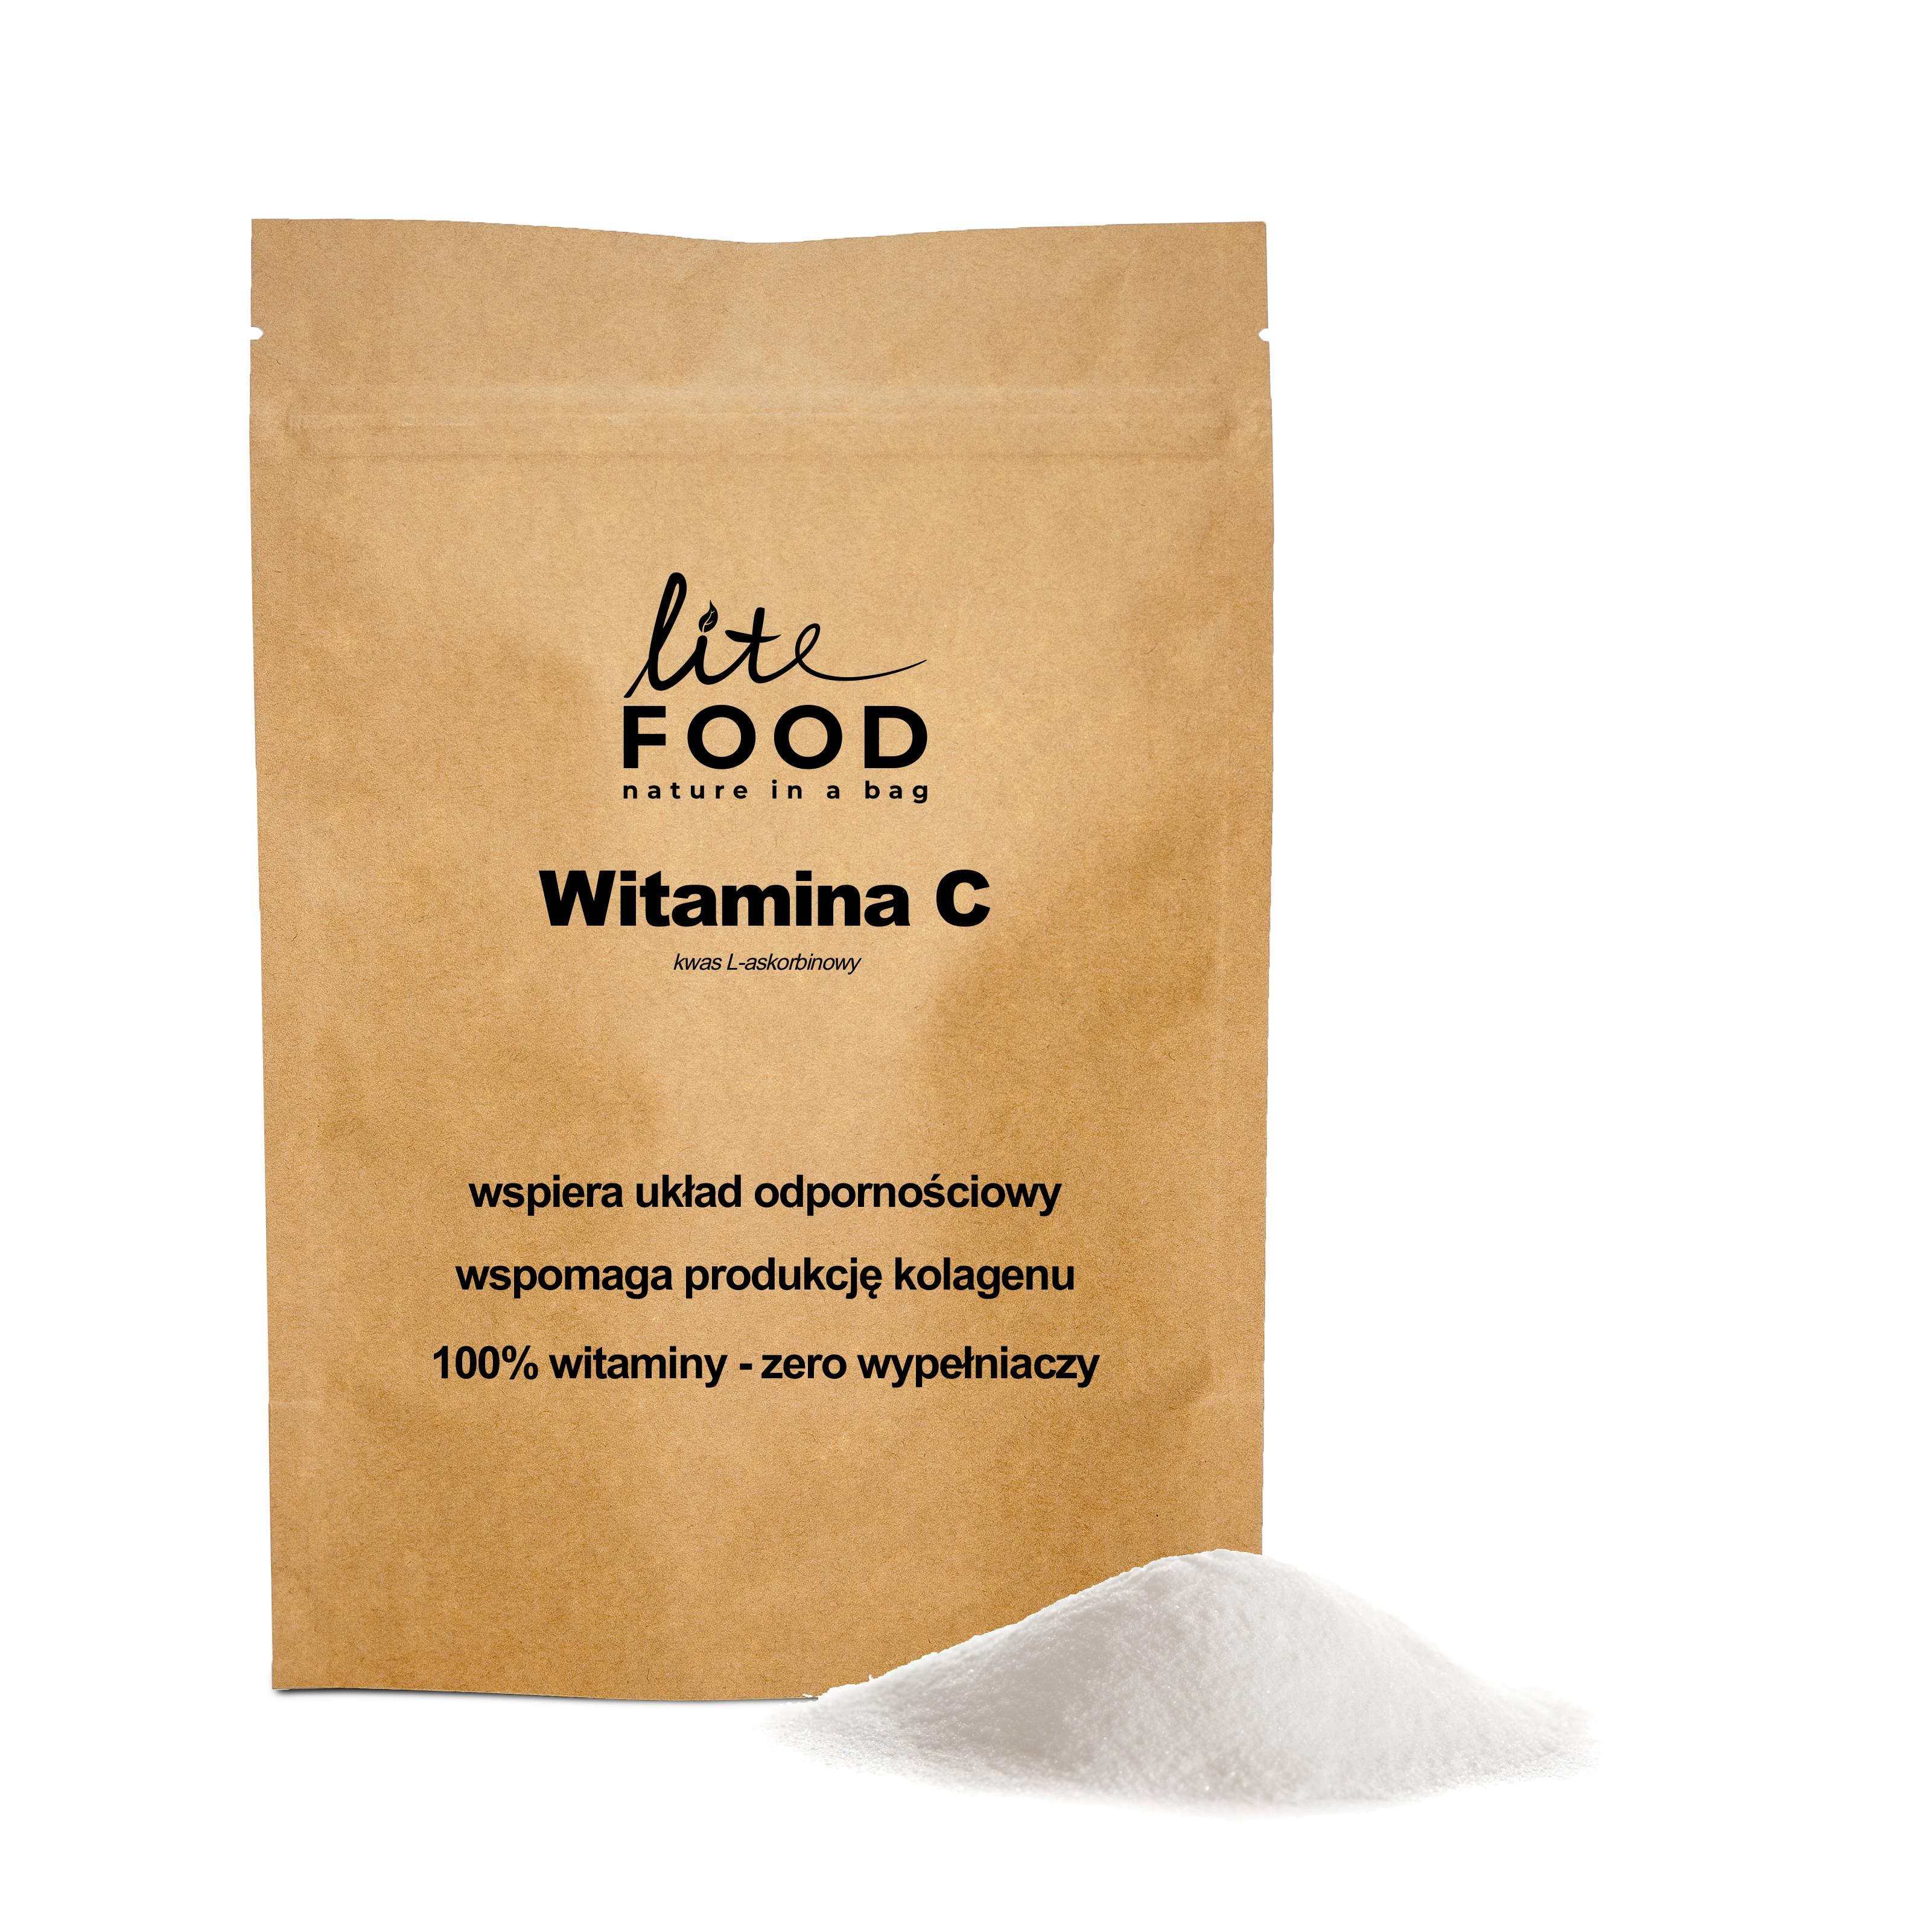 witamina-c